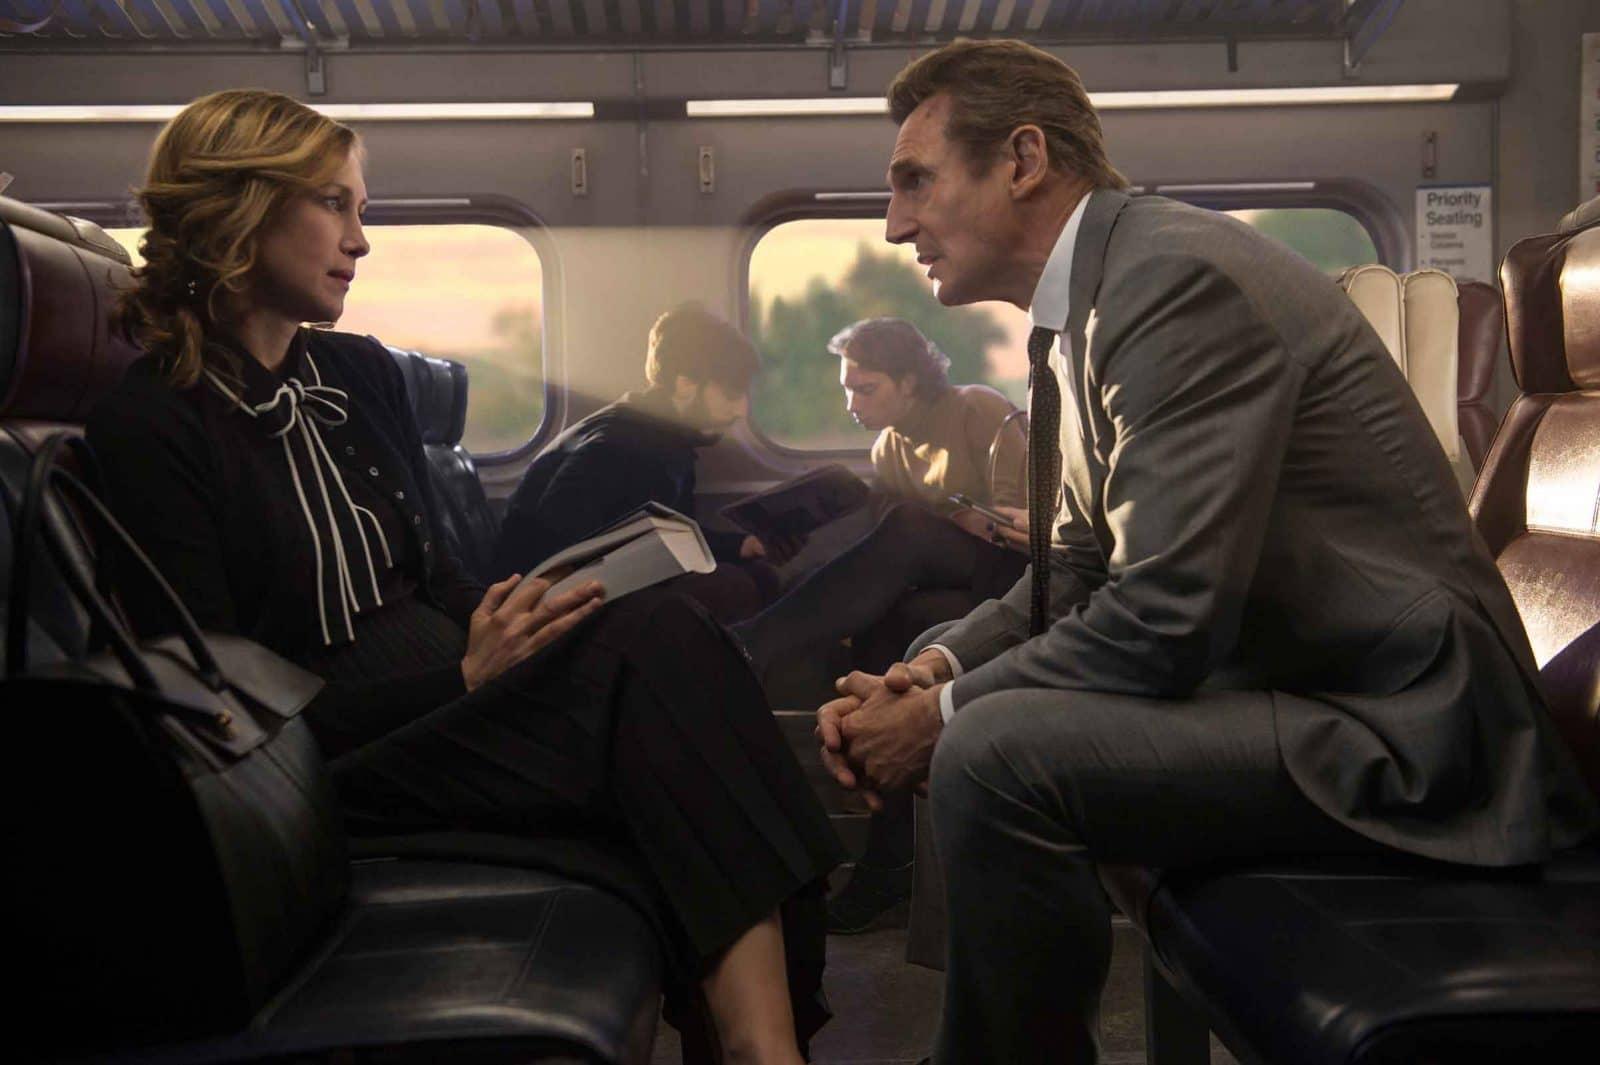 мужчина и женщина в поезде сидят